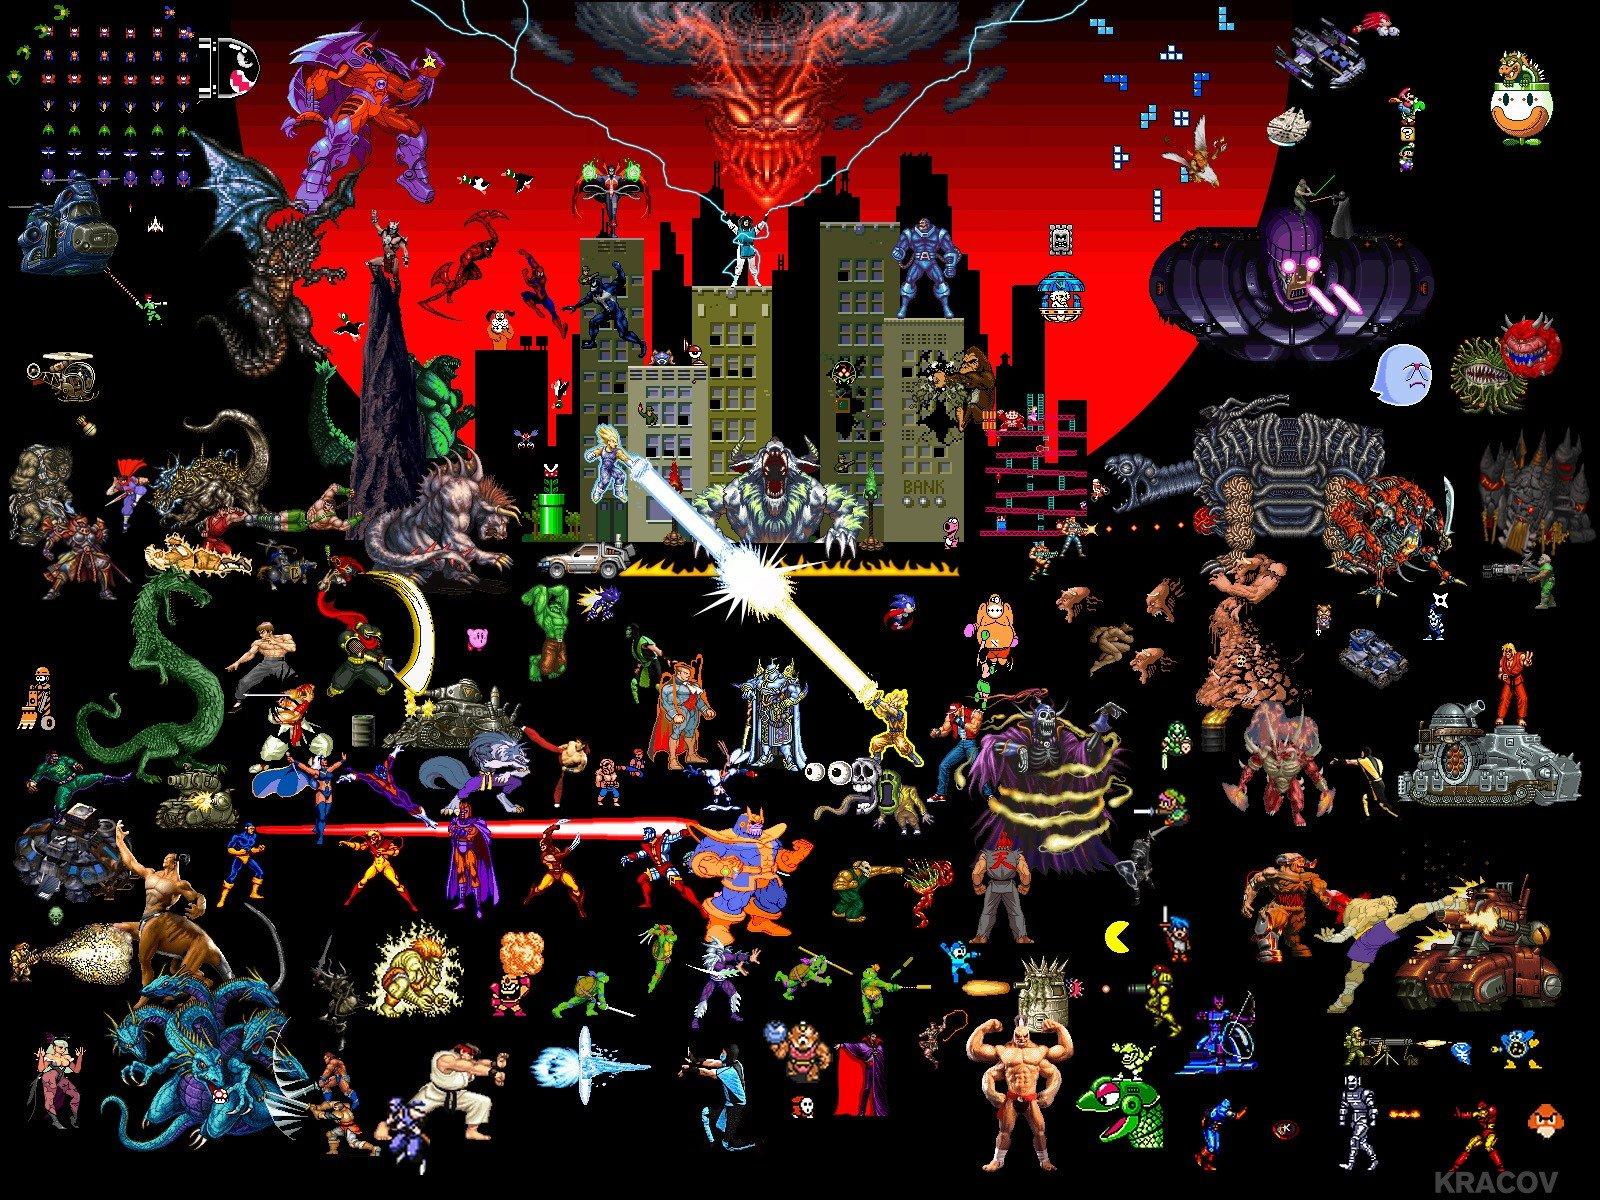 1600x1200 px art ball Capcom Contra doom dragon fantasy 1735517